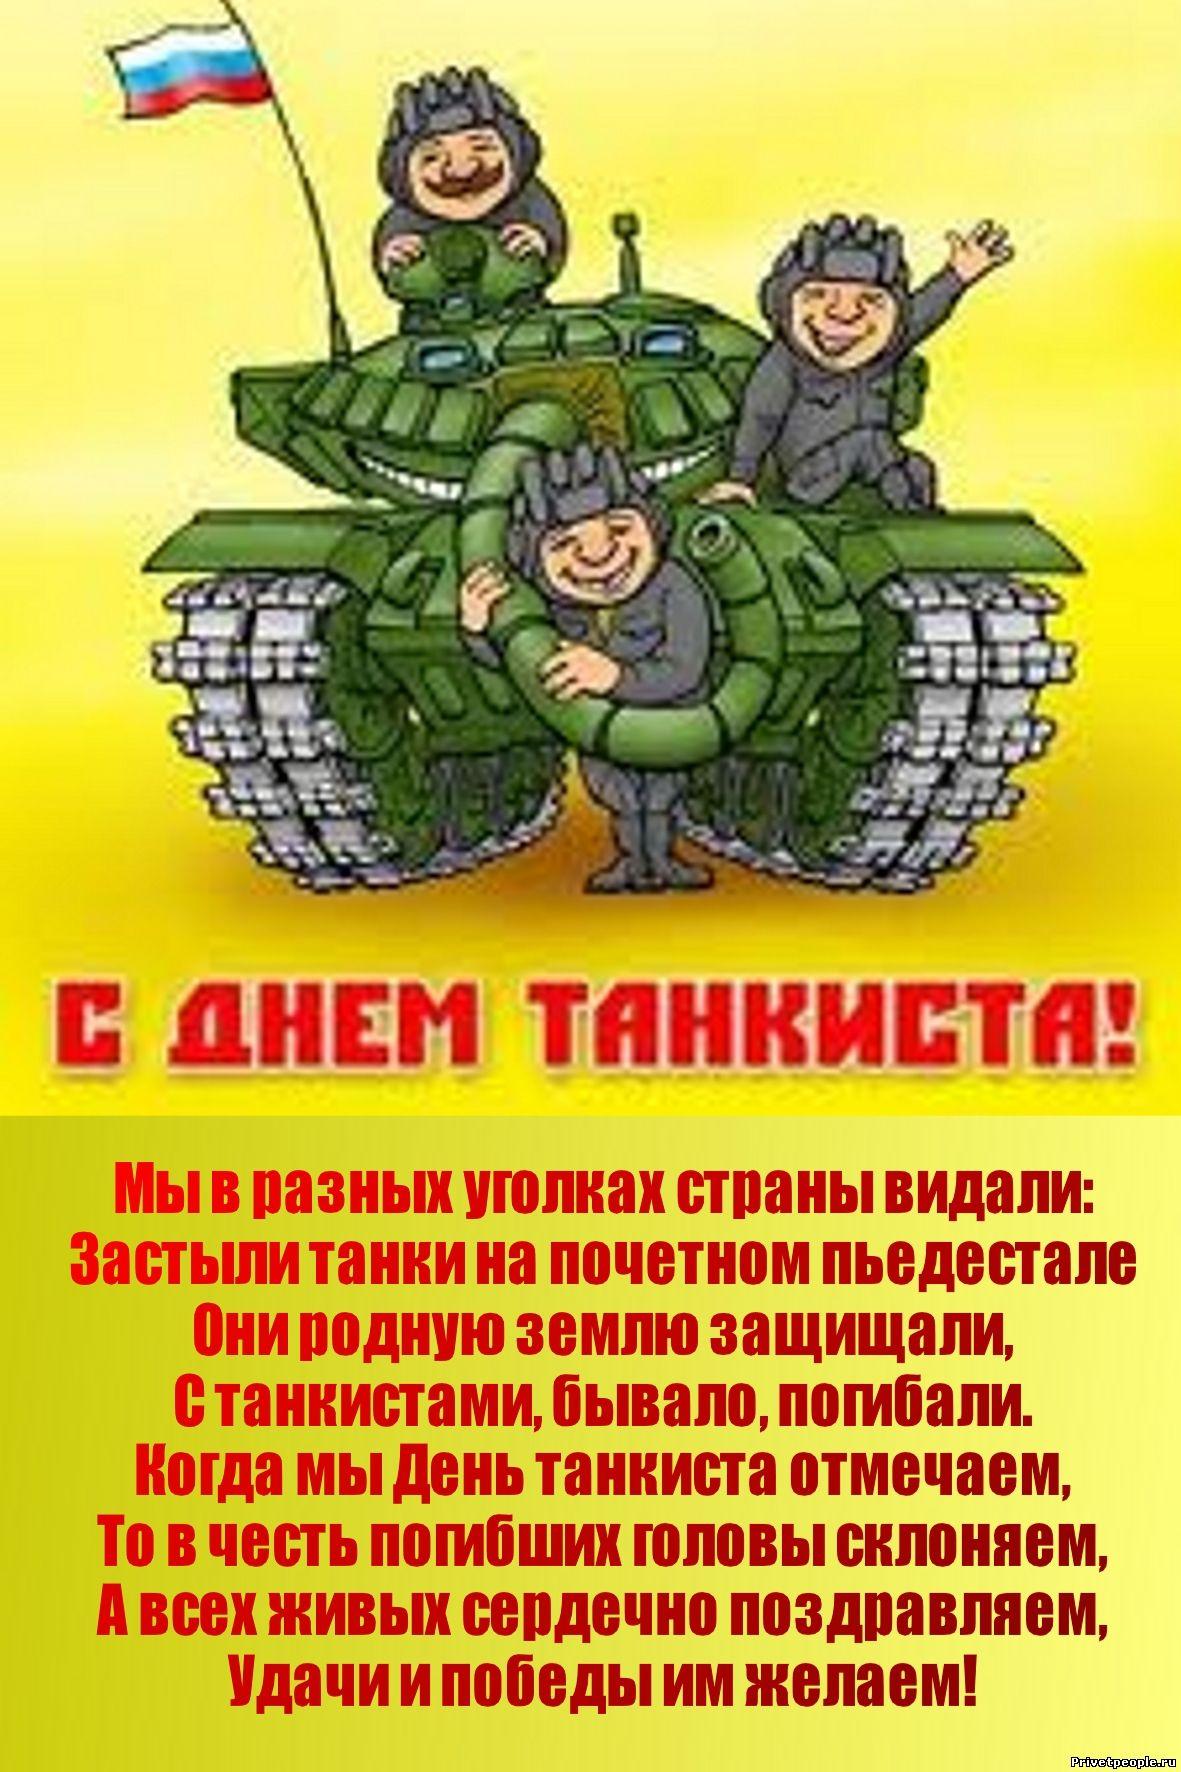 с днем танкиста поздравление главы менее